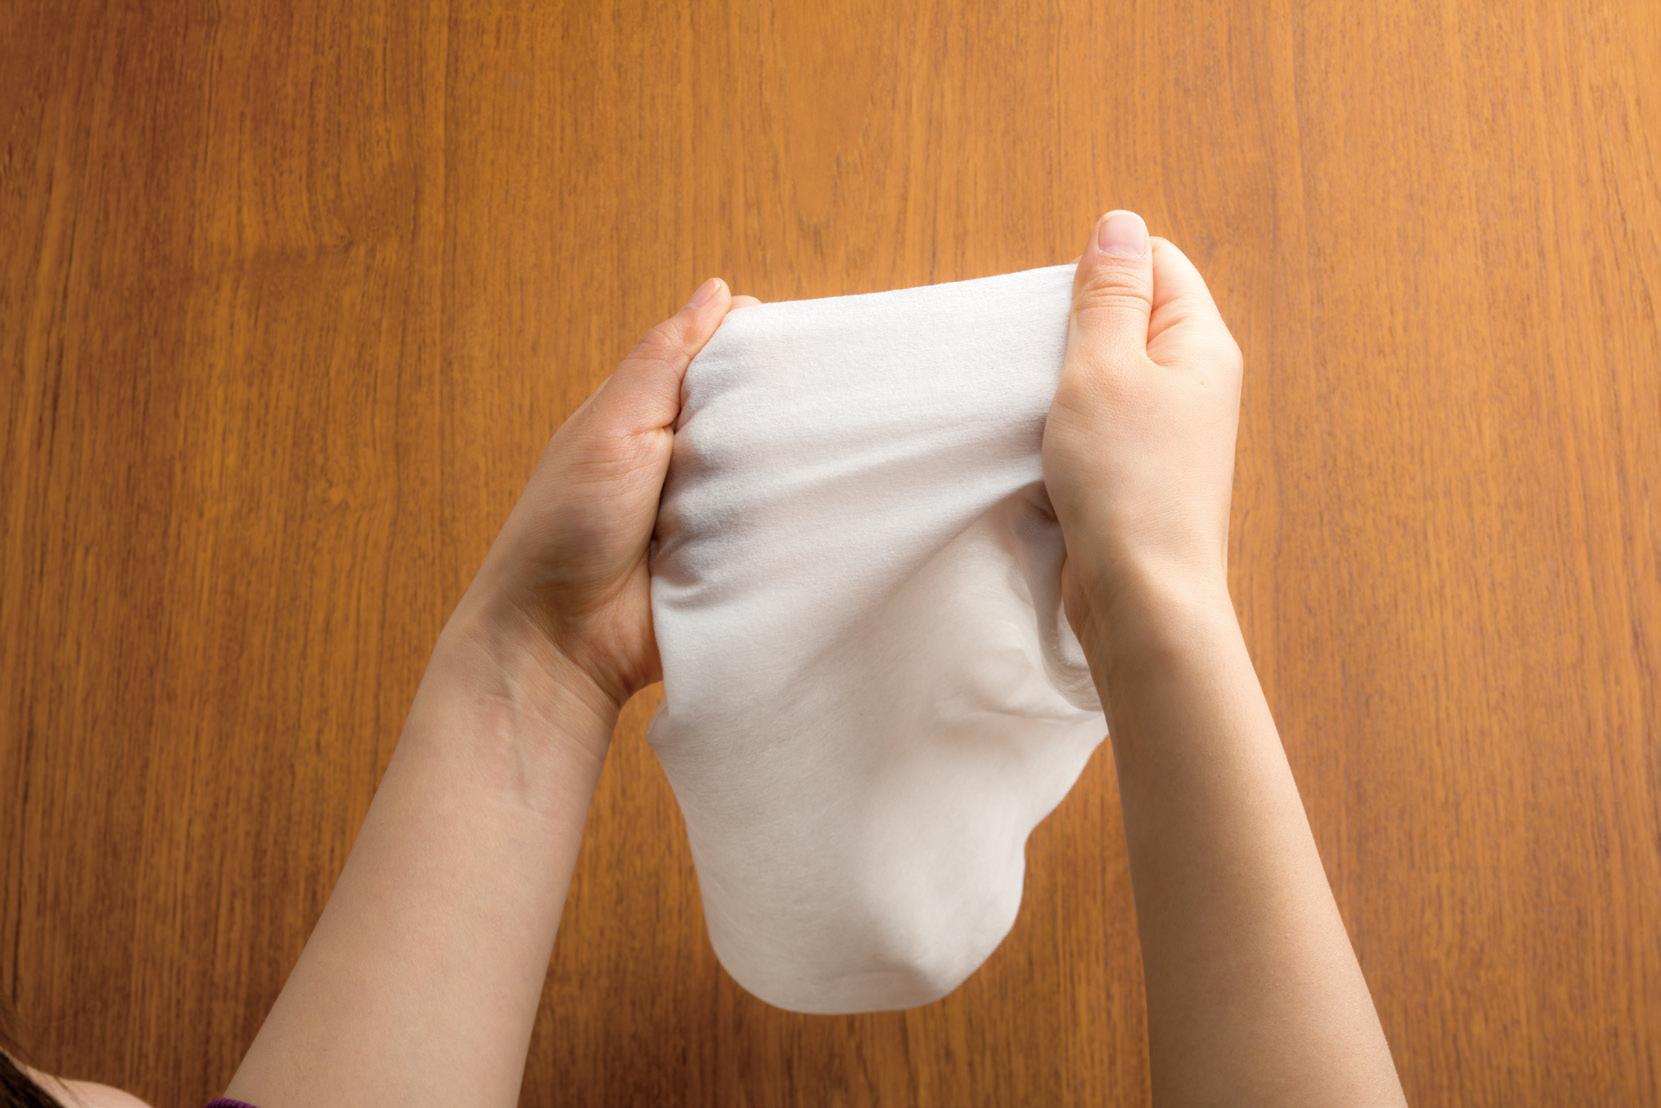 使い捨て 紙おしぼり